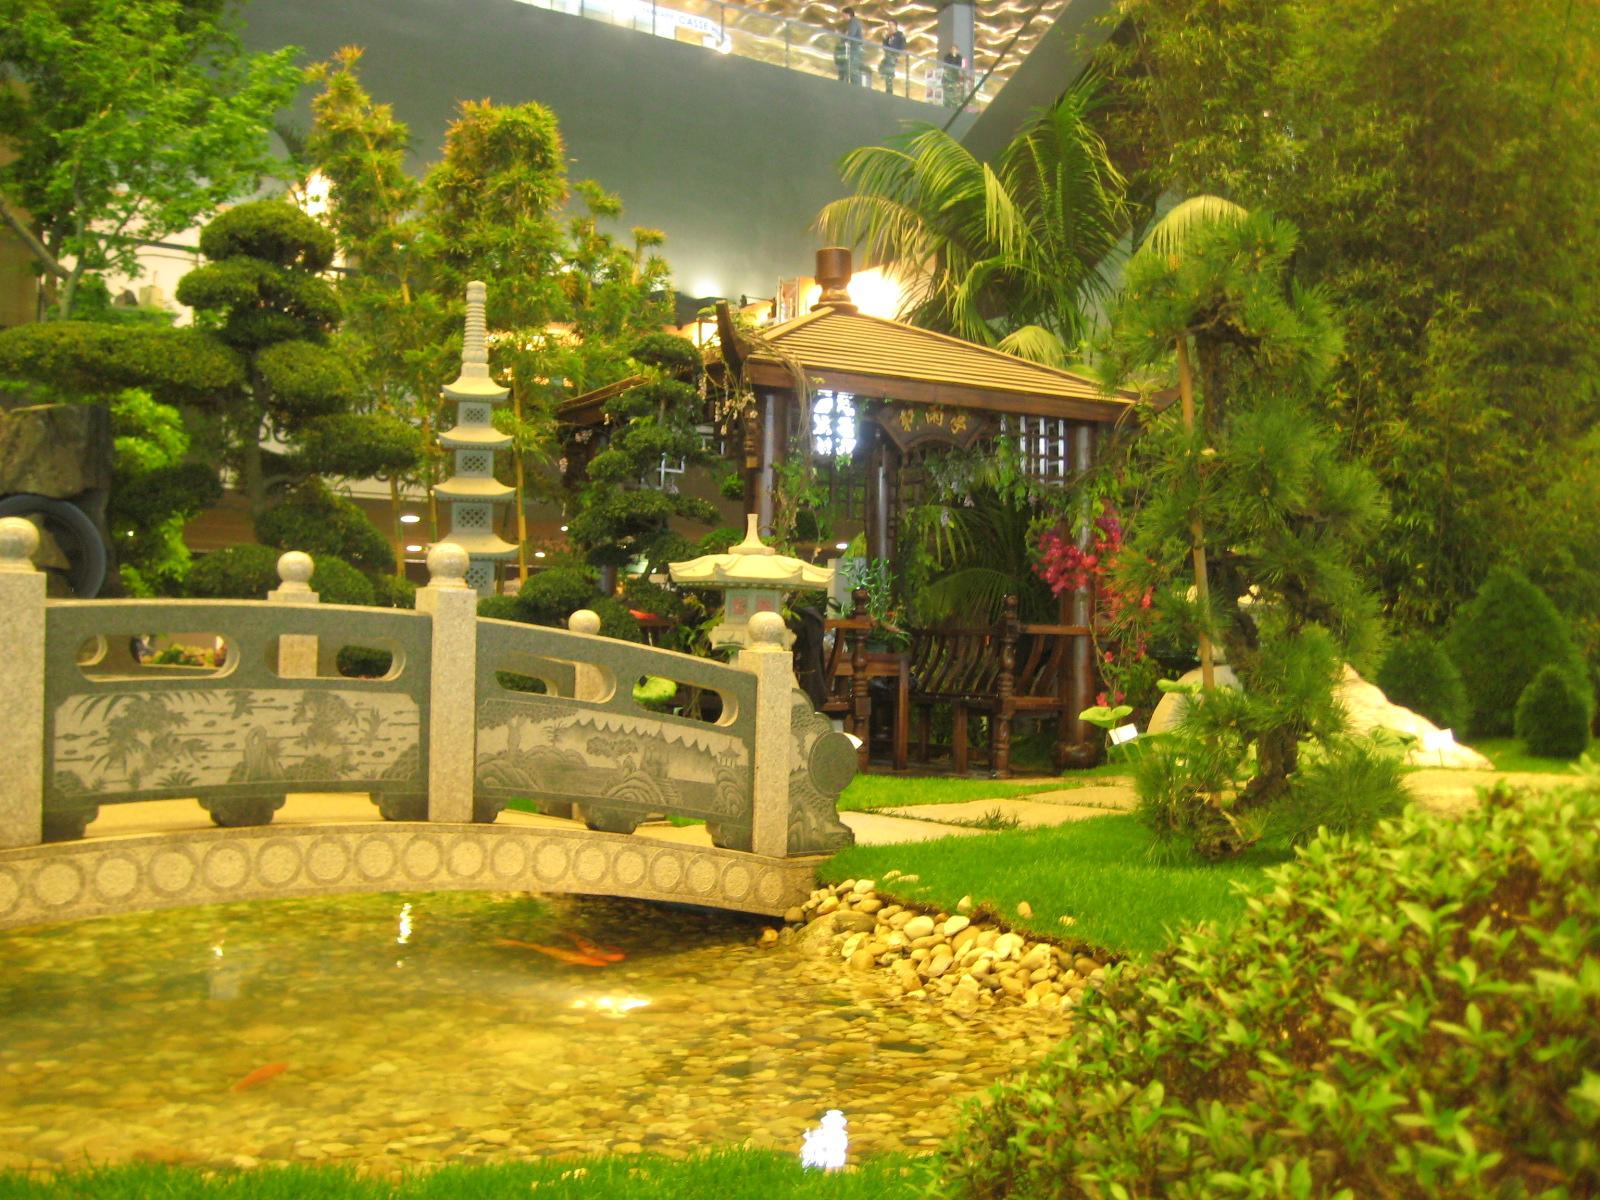 Giardino giapponese il mio te blog for Giardino giapponesi